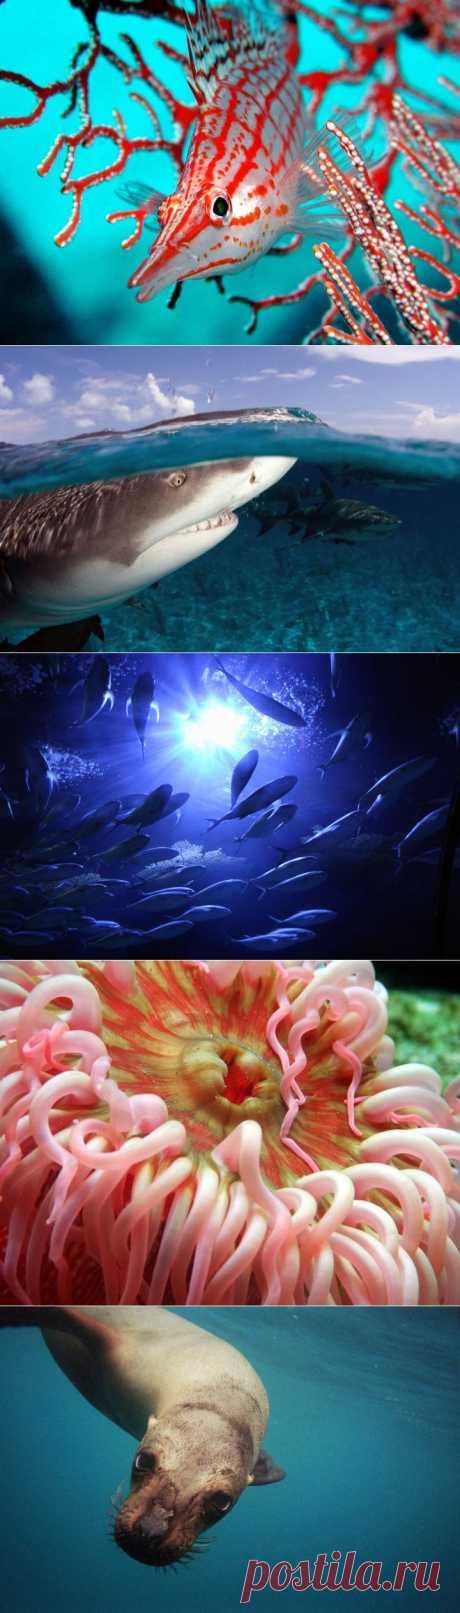 (+1) тема - Удивительный подводный мир | Наука и техника